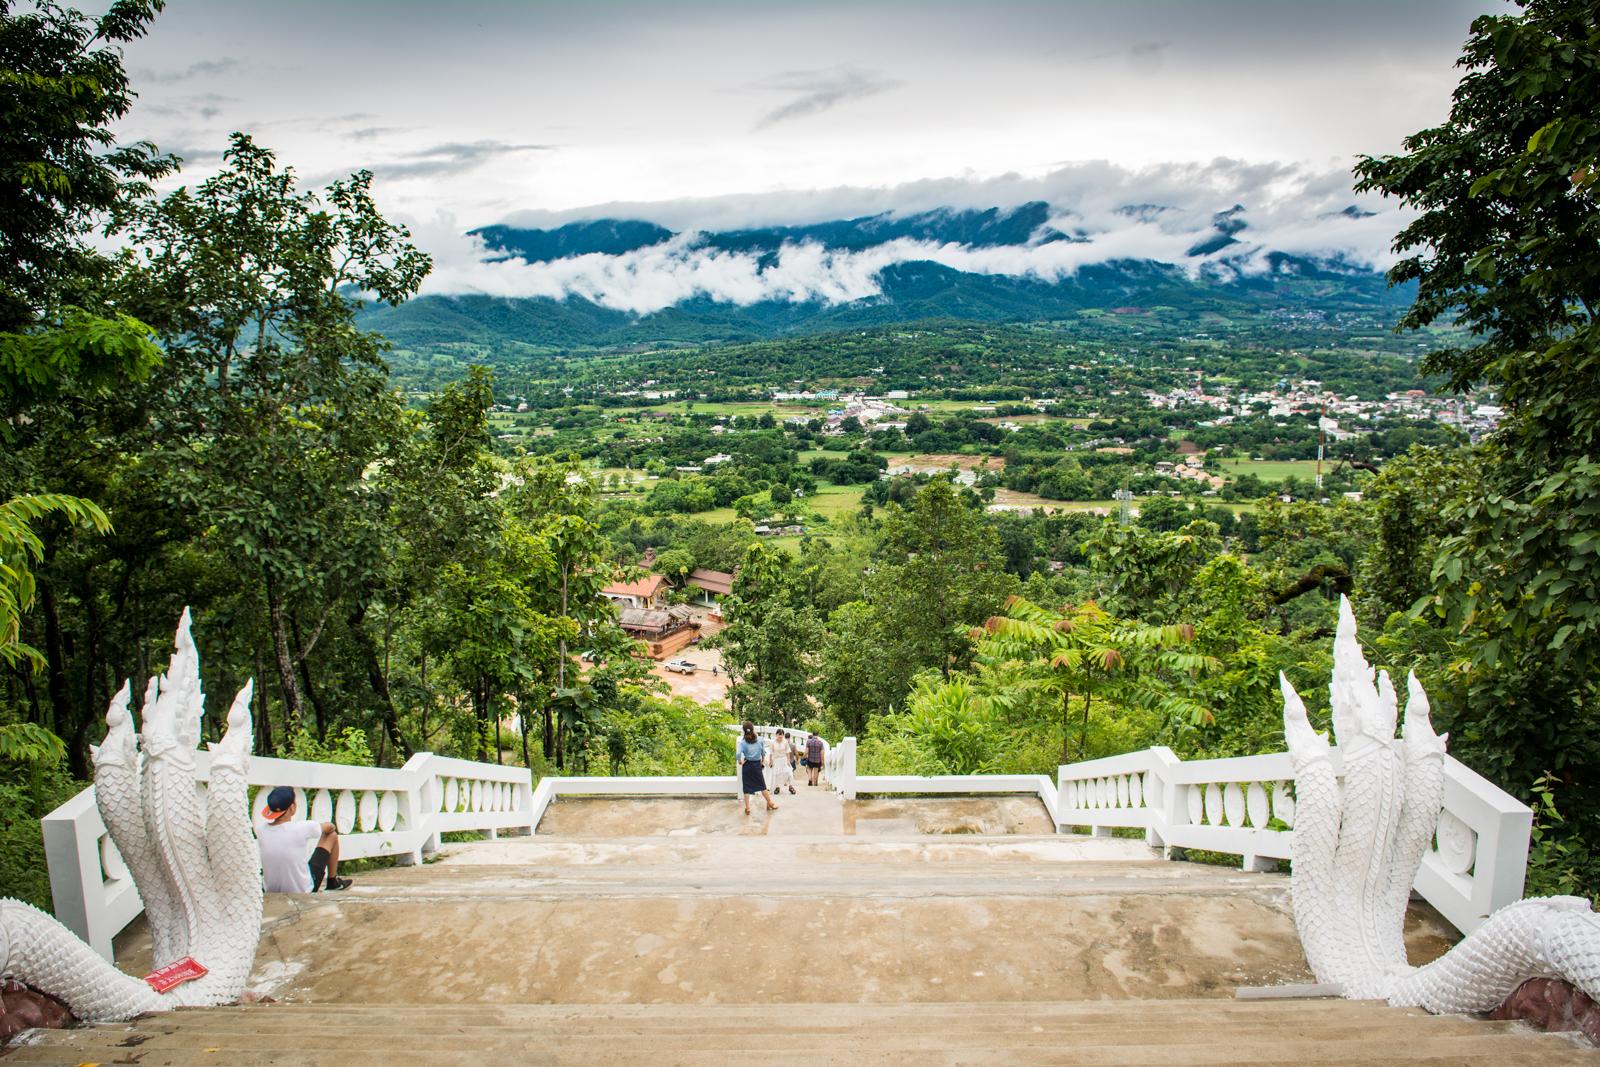 Thailand (2017)